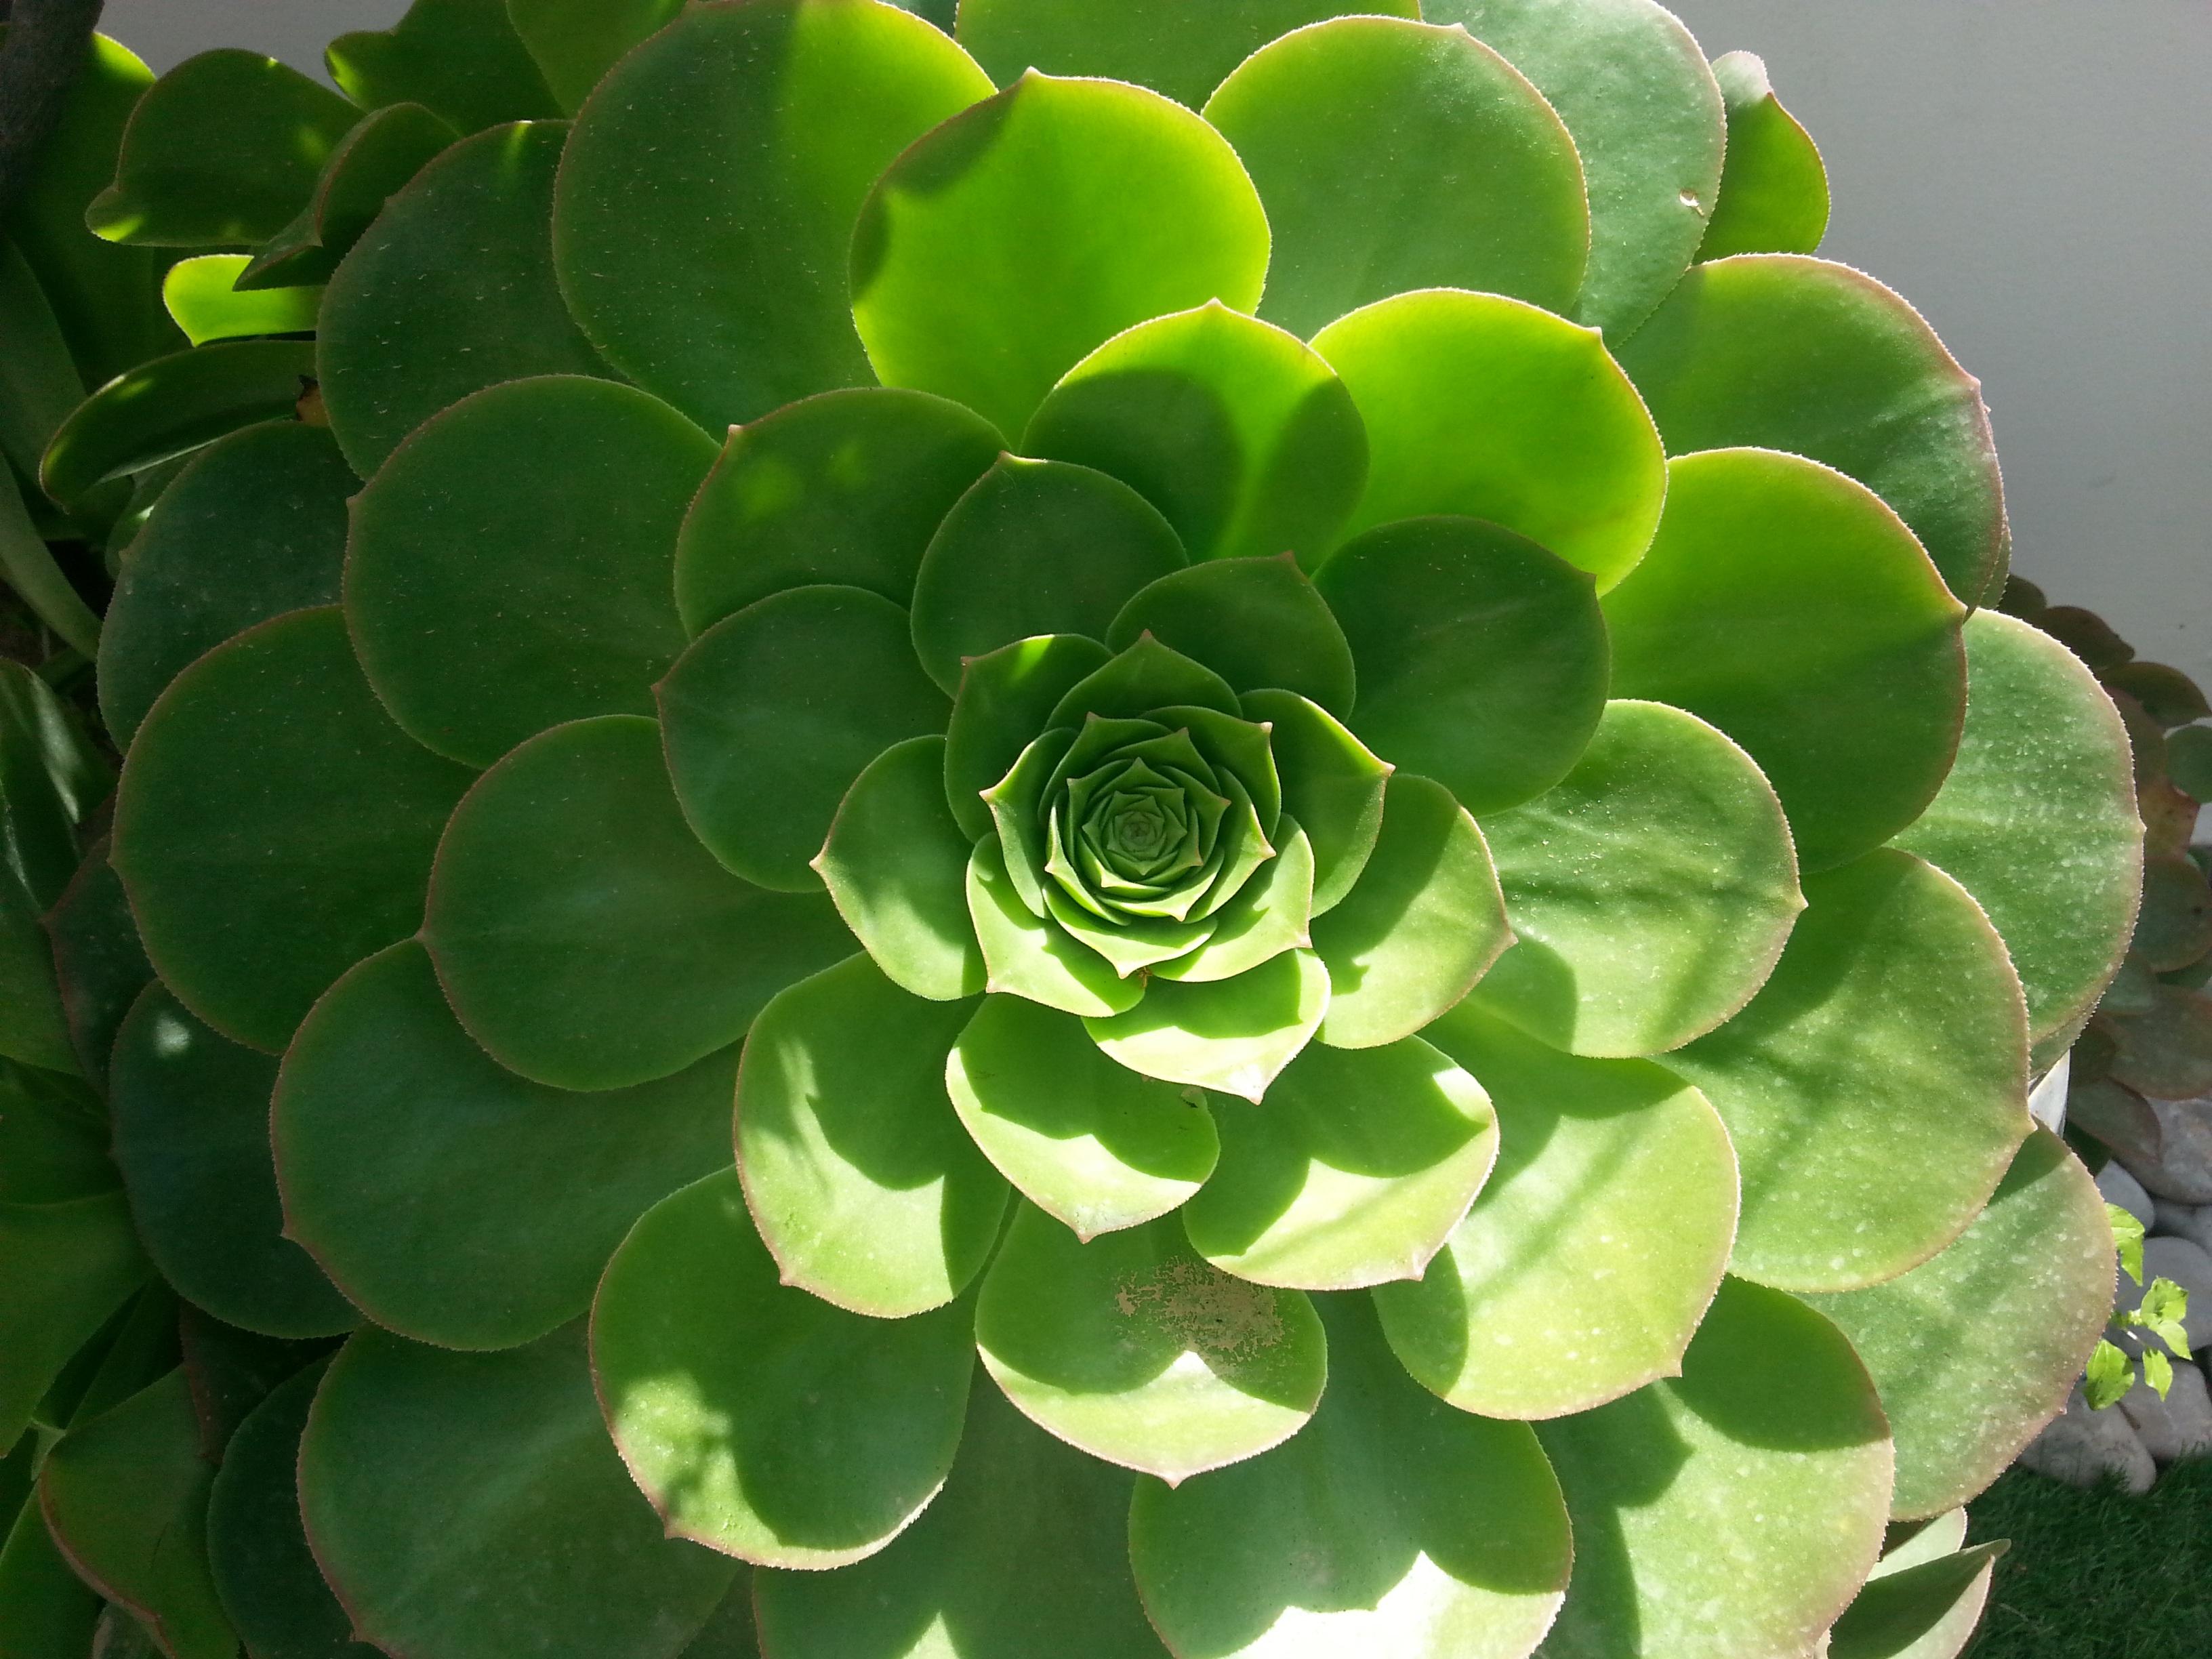 Fotos gratis : naturaleza, hoja, flor, pétalo, ambiente, patrón ...